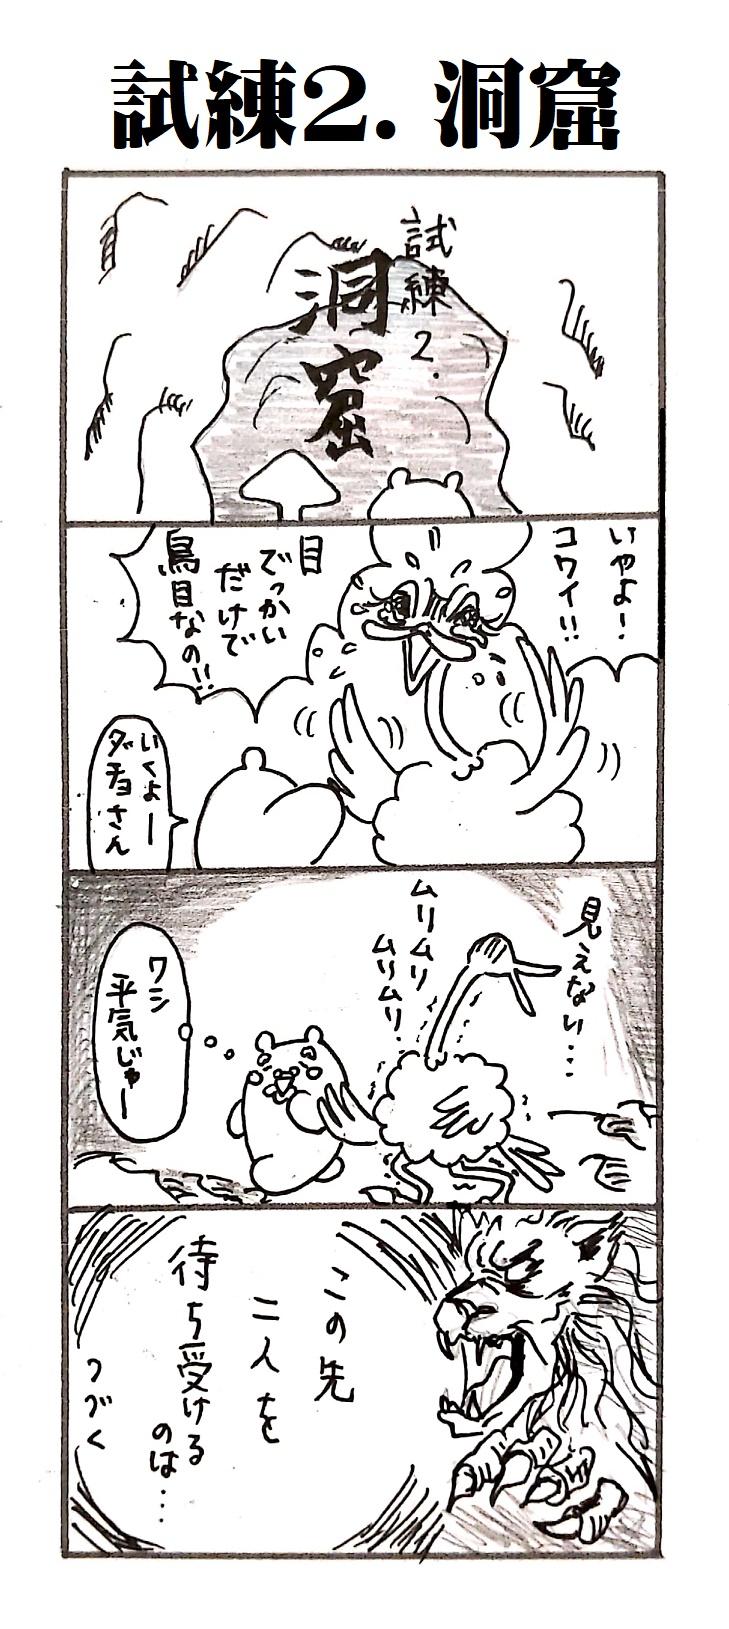 題「試練2.洞窟①」